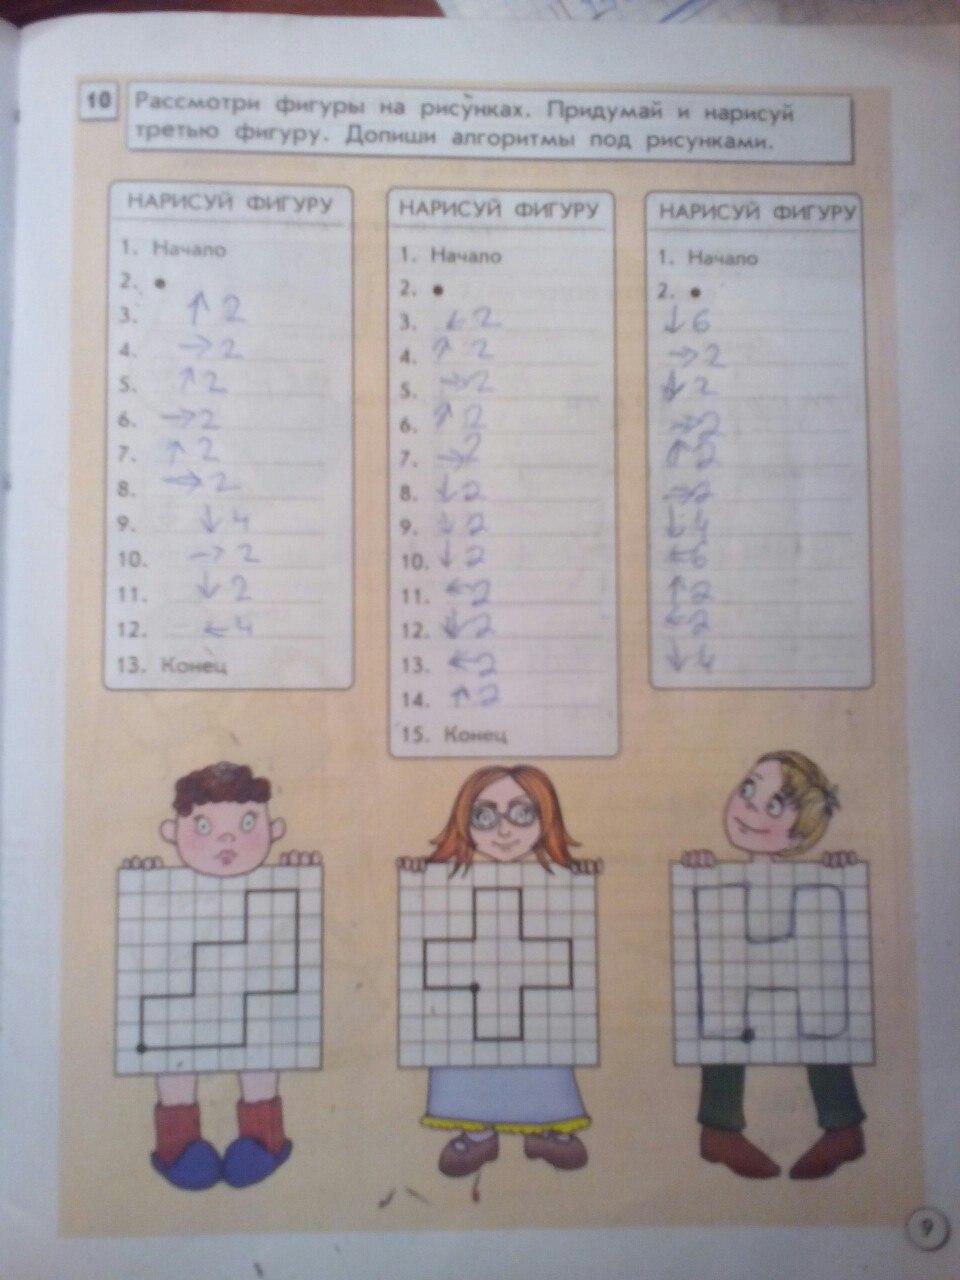 Гдз по информатике в играх и задачах 1 часть 3 класс горячев